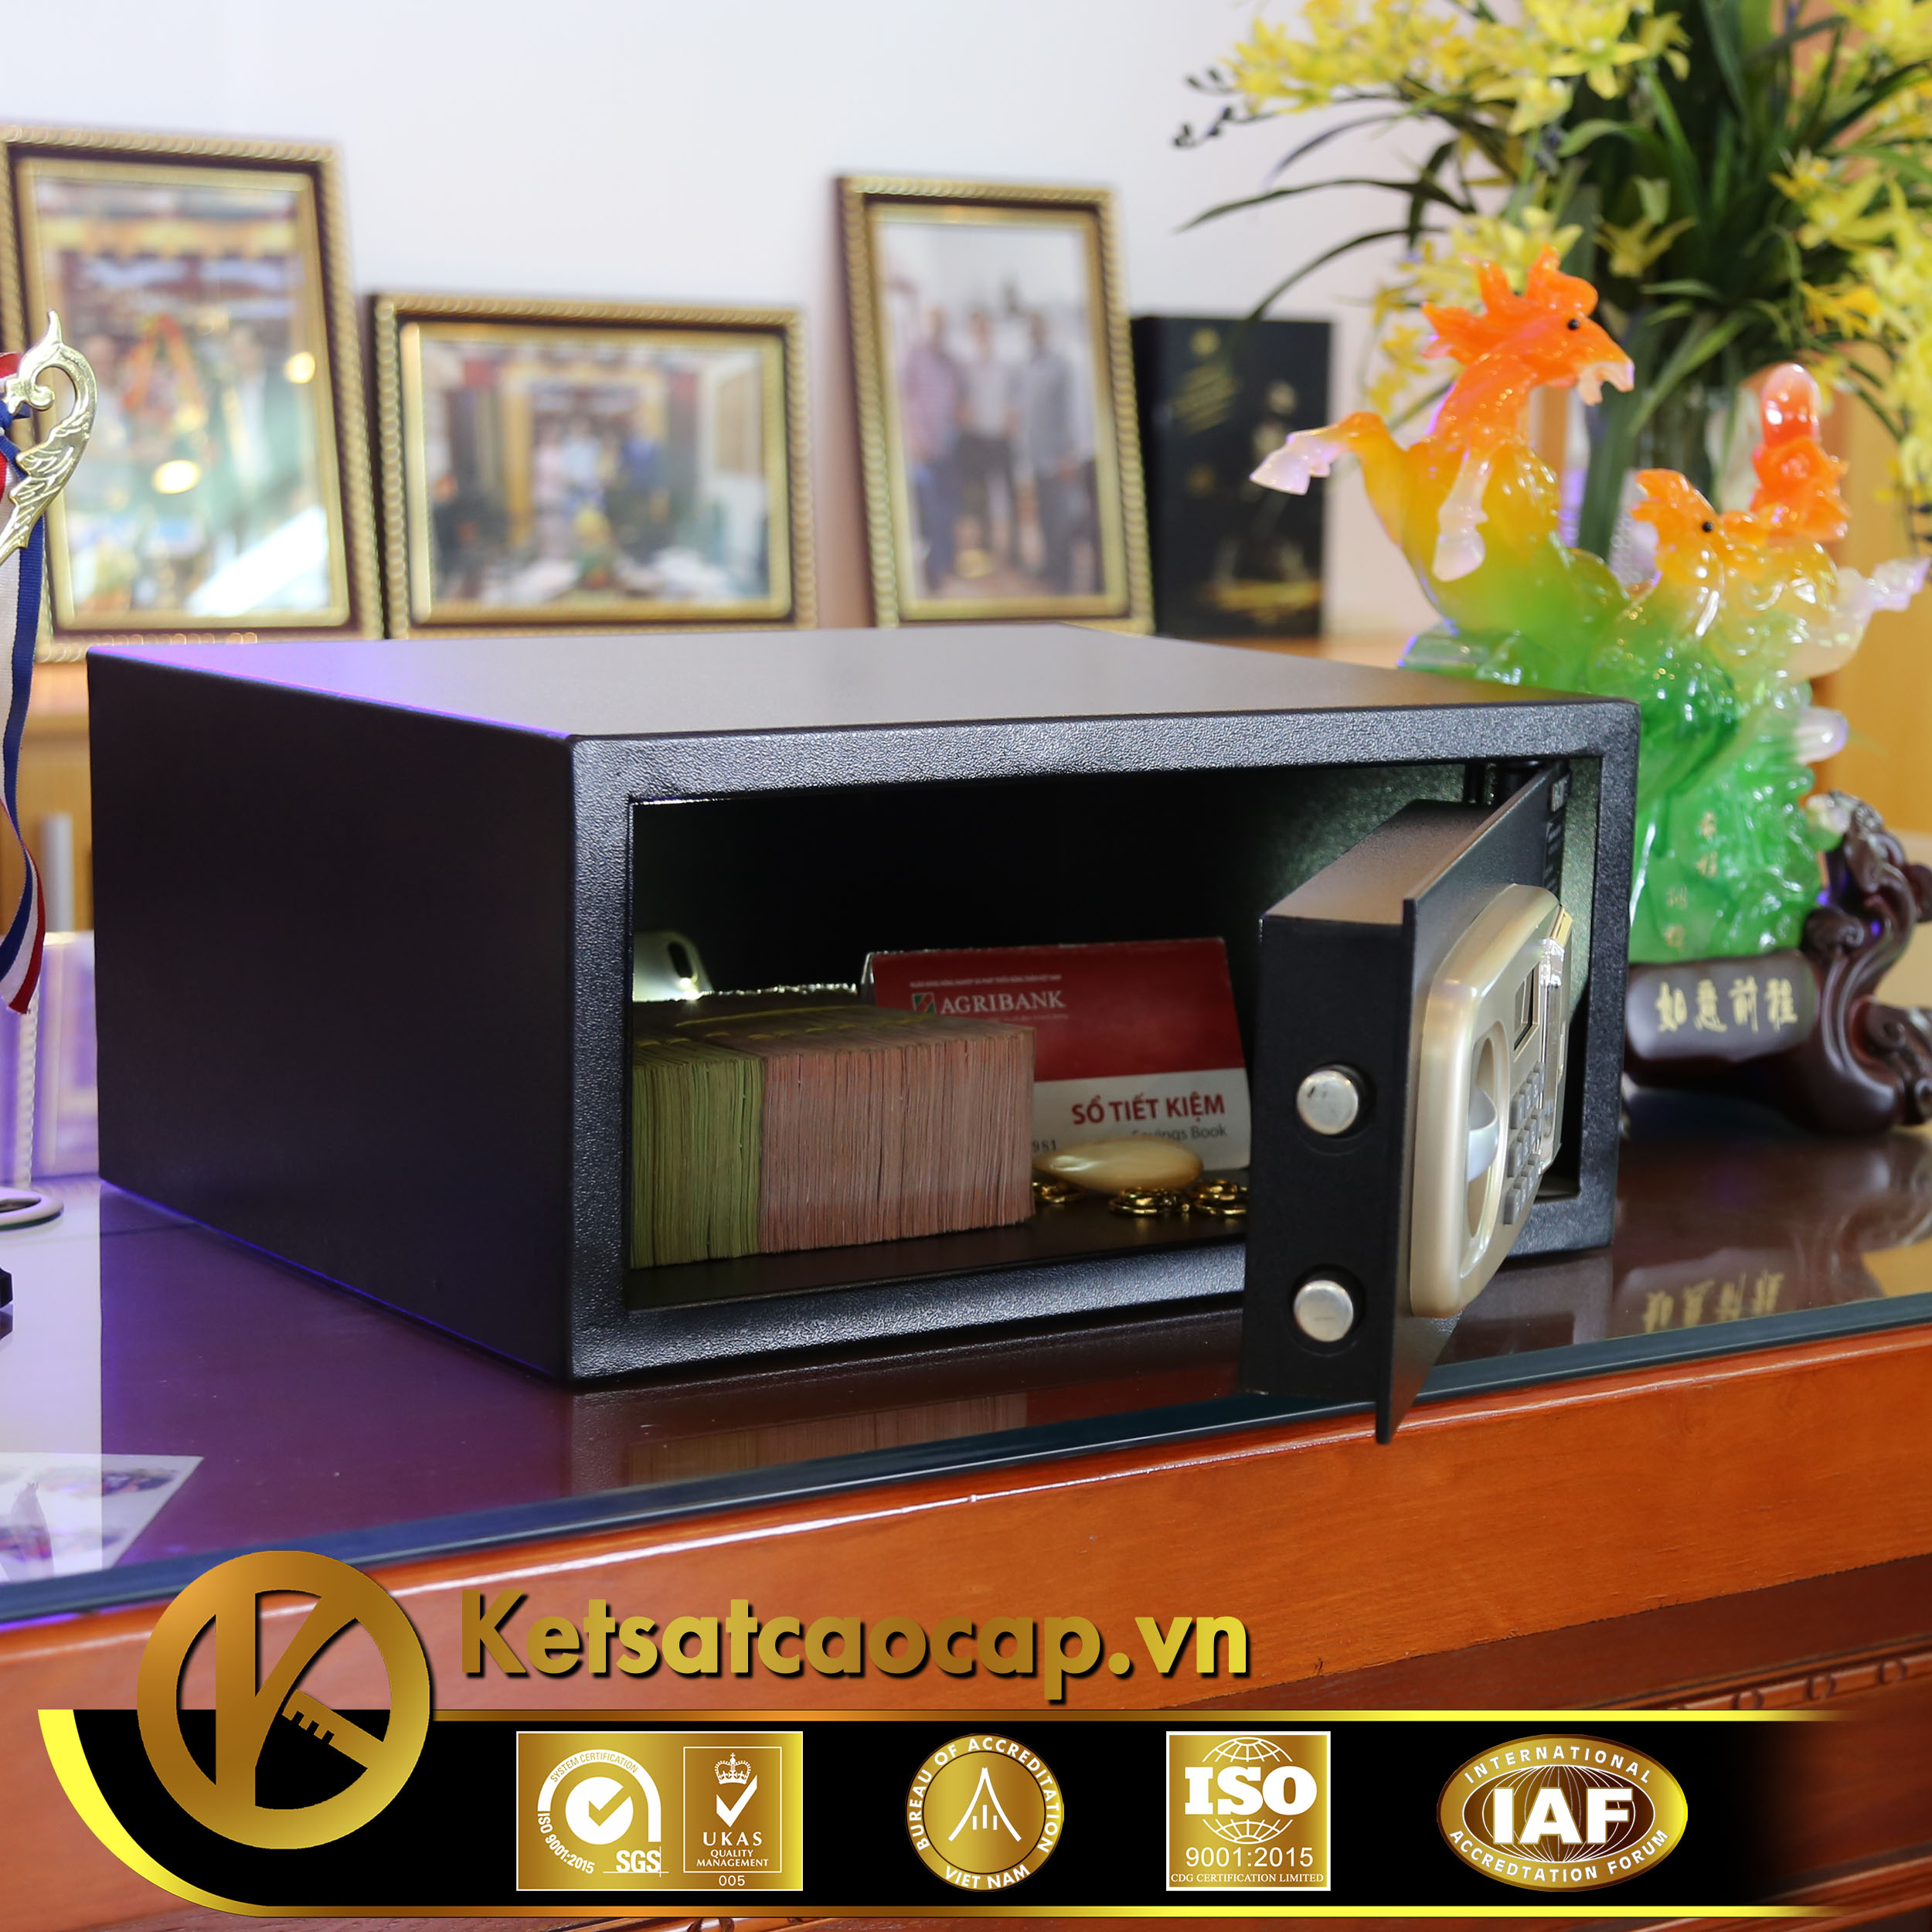 Két sắt khách sạn KS25-GOLD-PND